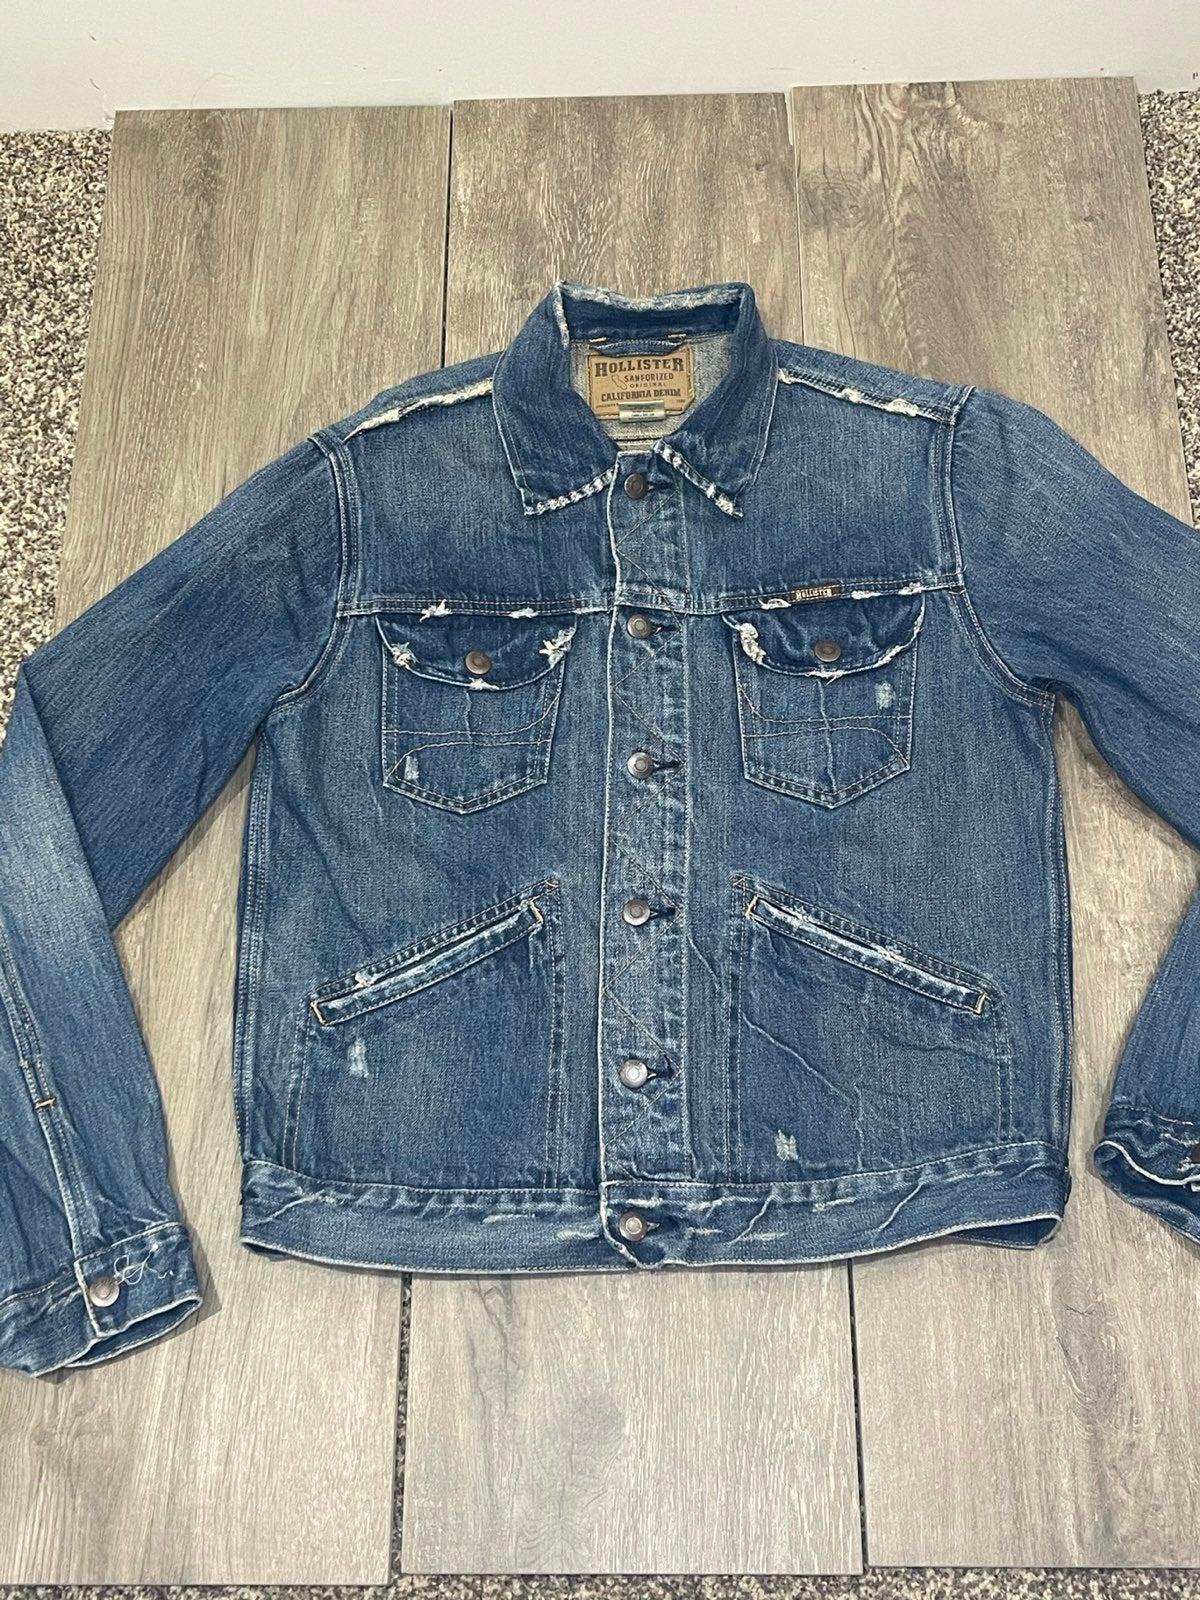 Vintage Hollister Denim Jean Jacket